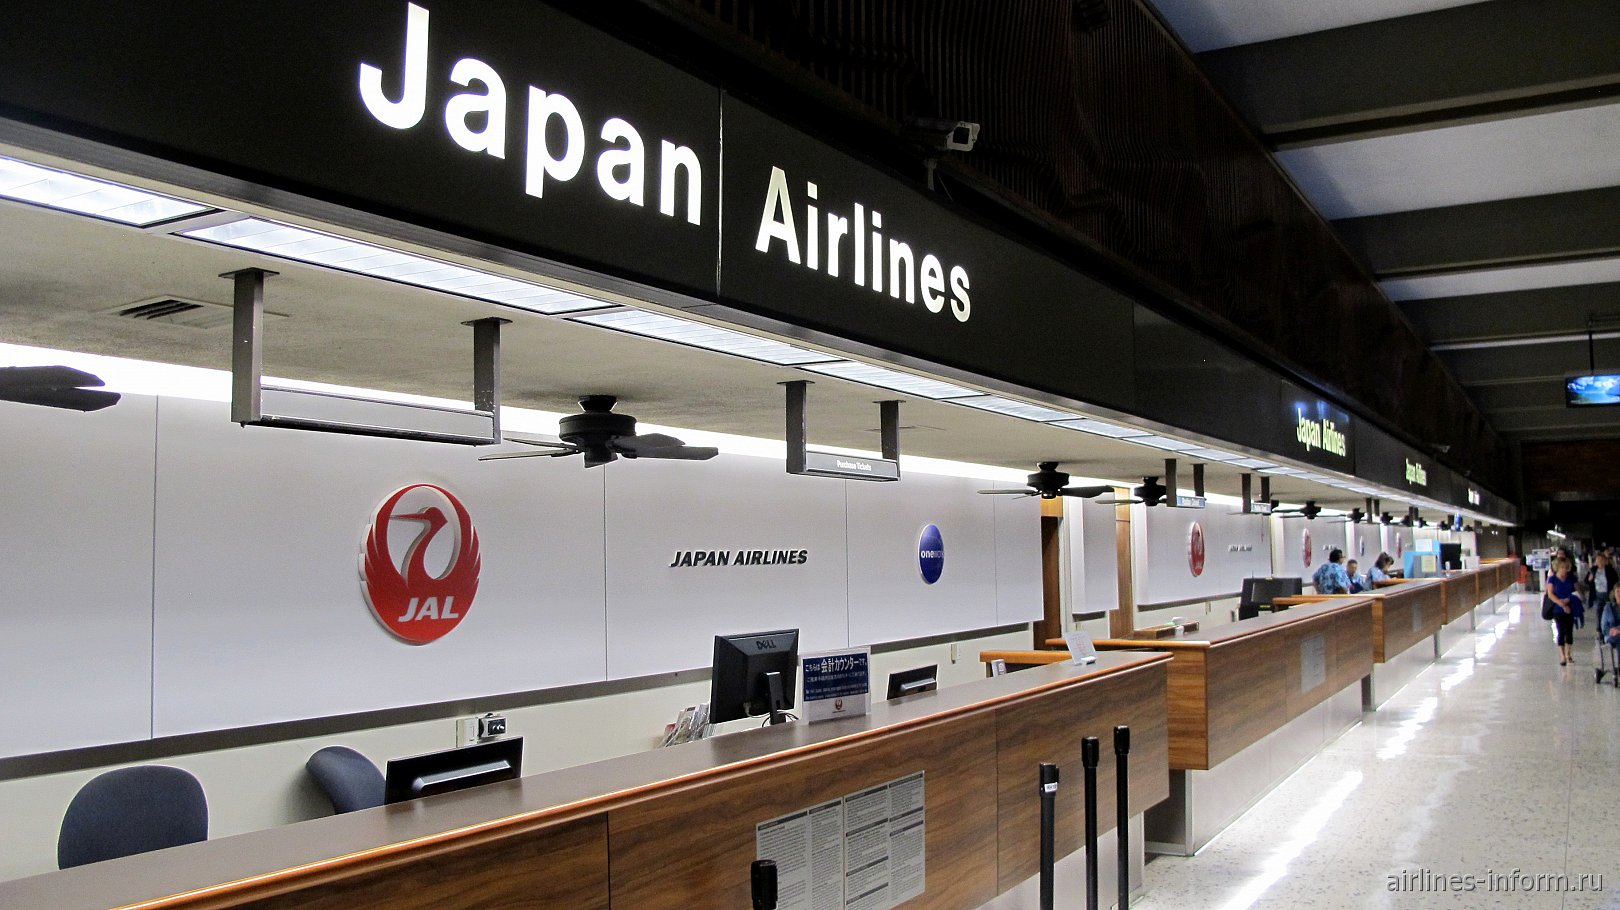 Информационные стойки Японских авиалиний в аэропорту Гонолулу